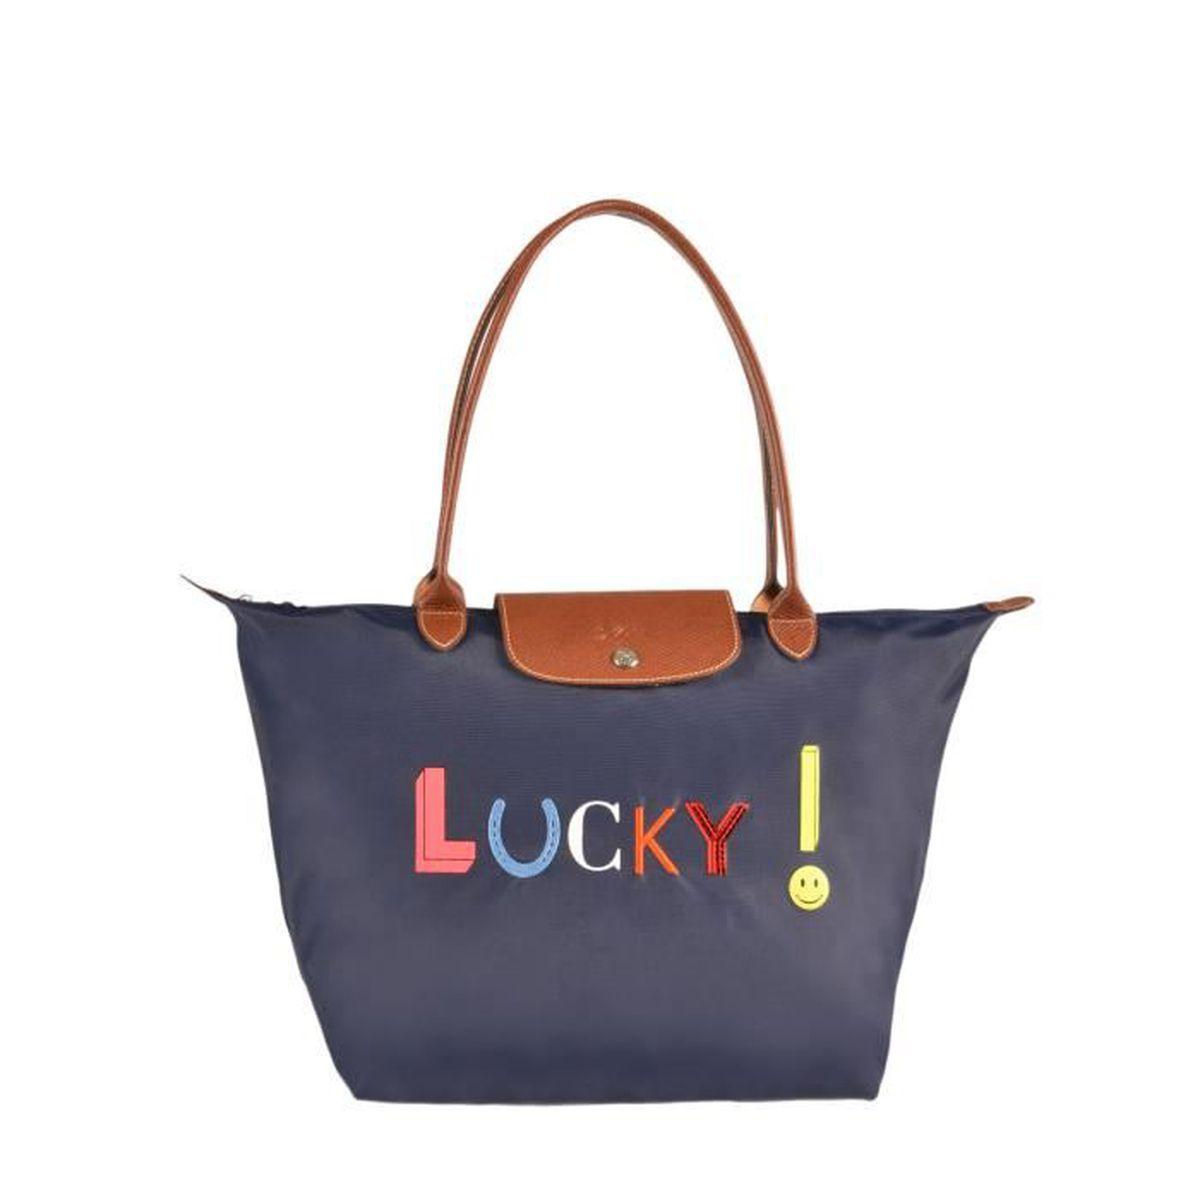 LONGCHAMP - sac femme porté épaule - MARINE PLIAGE LUCKY - Achat ...